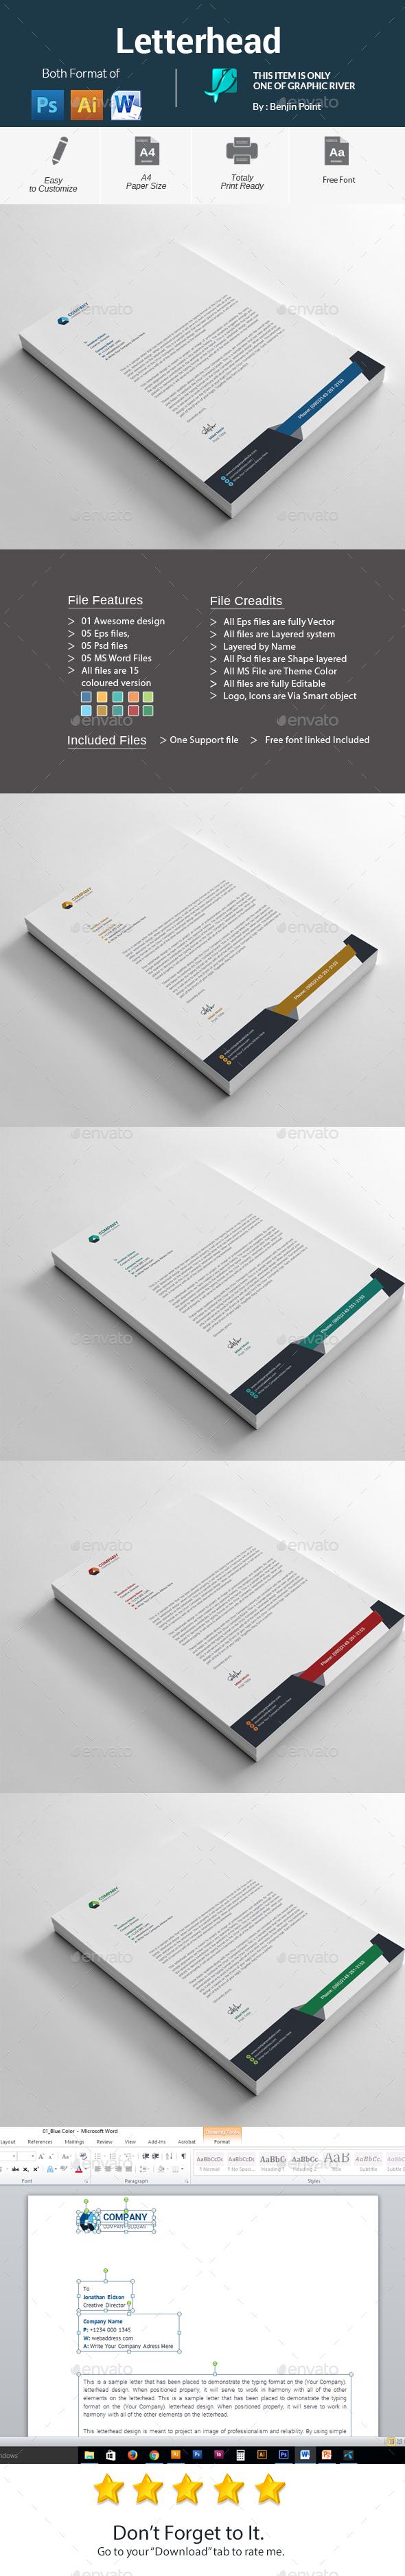 GraphicRiver Letterhead 20990155